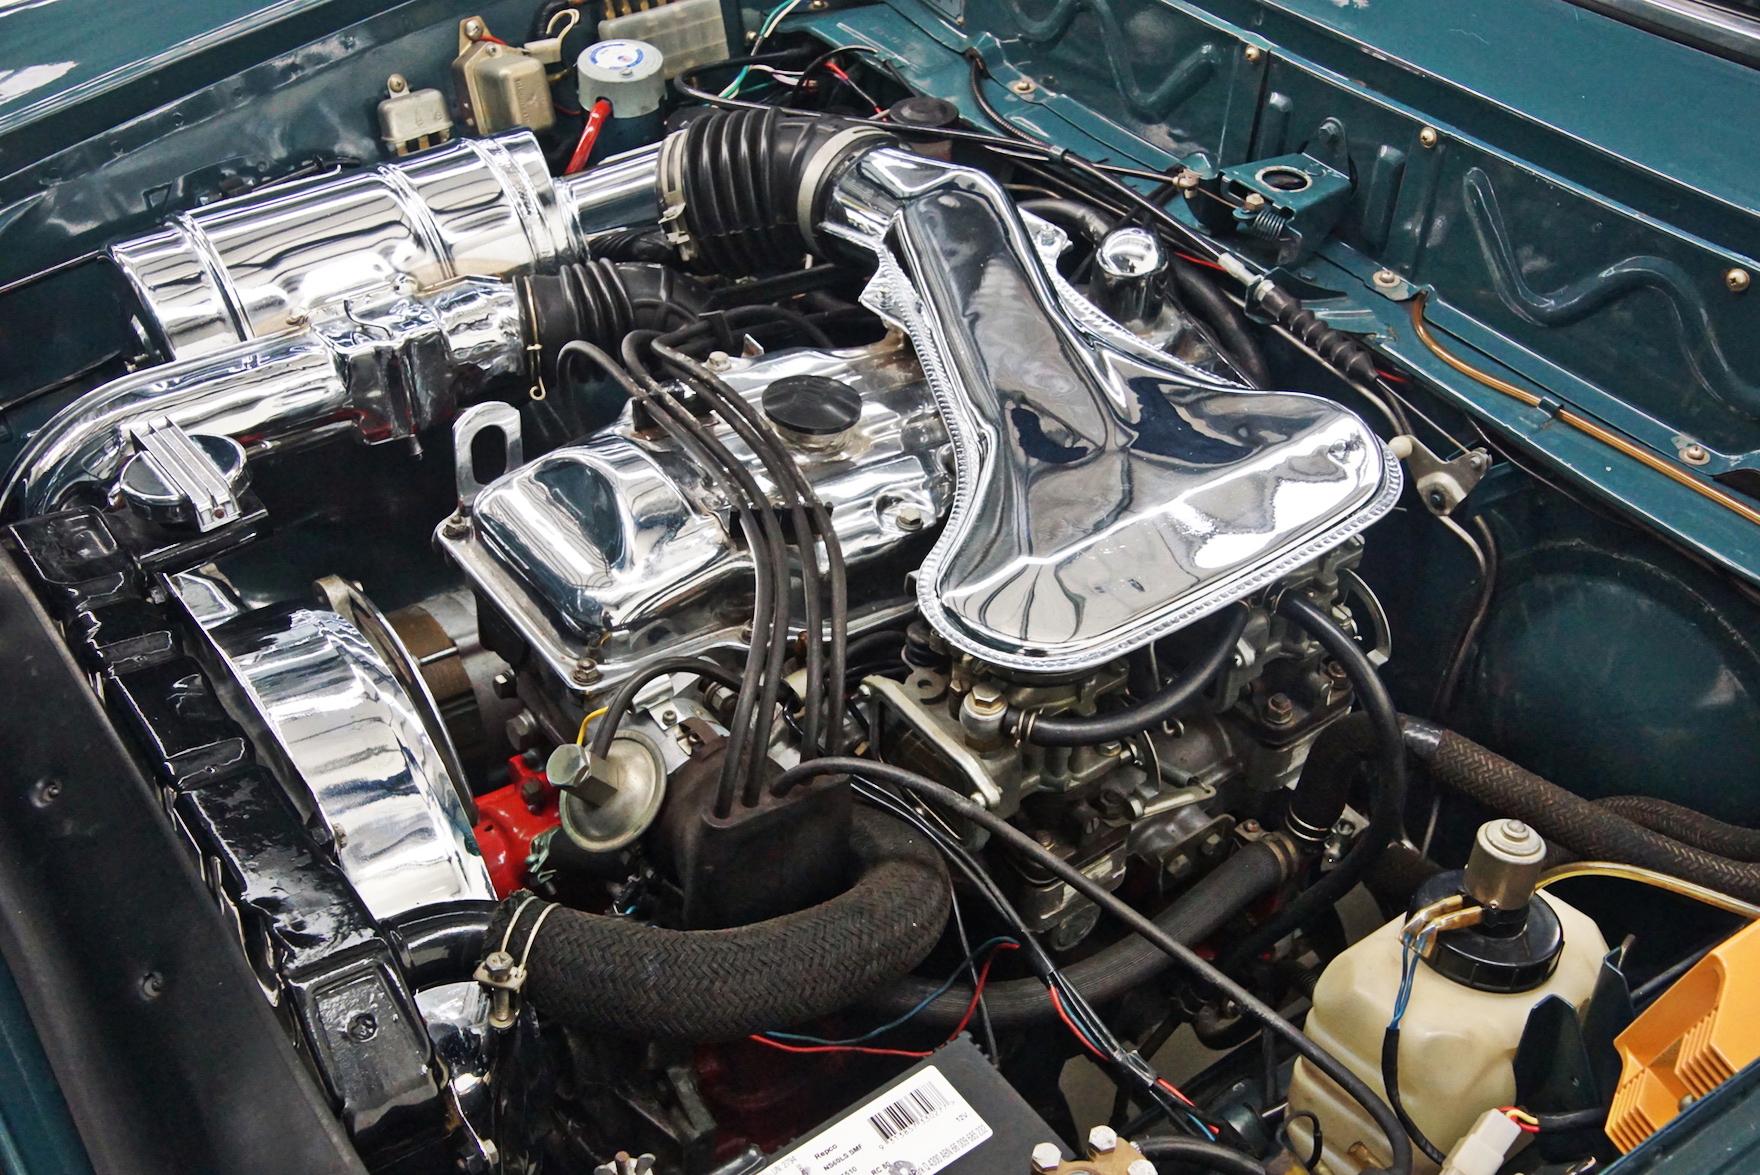 Mazda 1500 motor